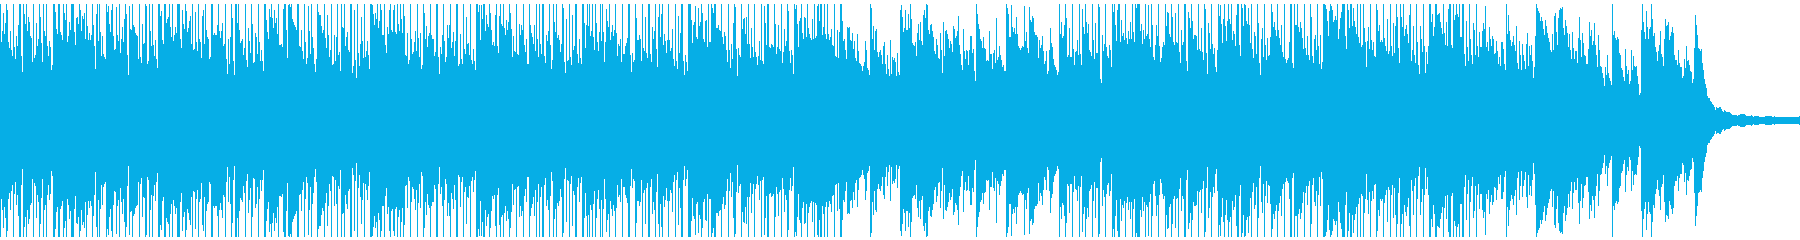 アンビエント コーポレート 透明感...の再生済みの波形